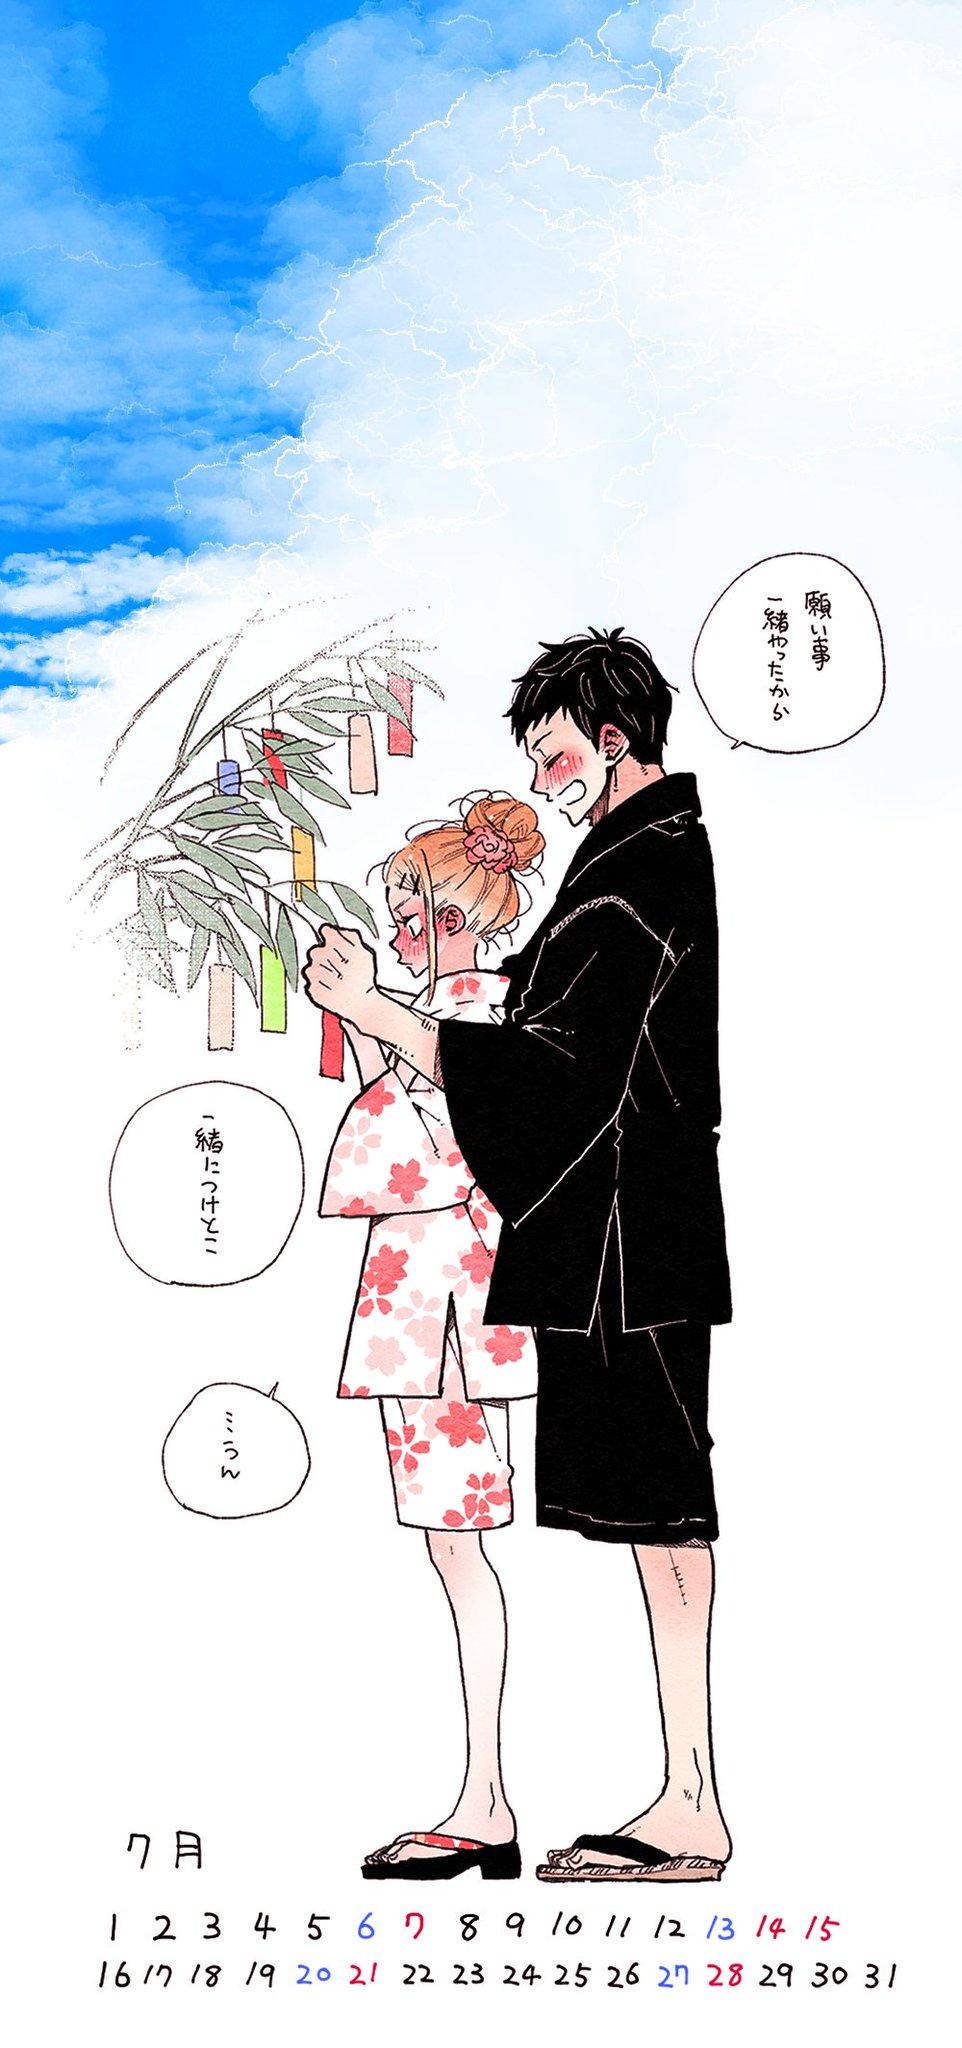 七夕を一緒に過ごすカップルのイラストに胸キュン!